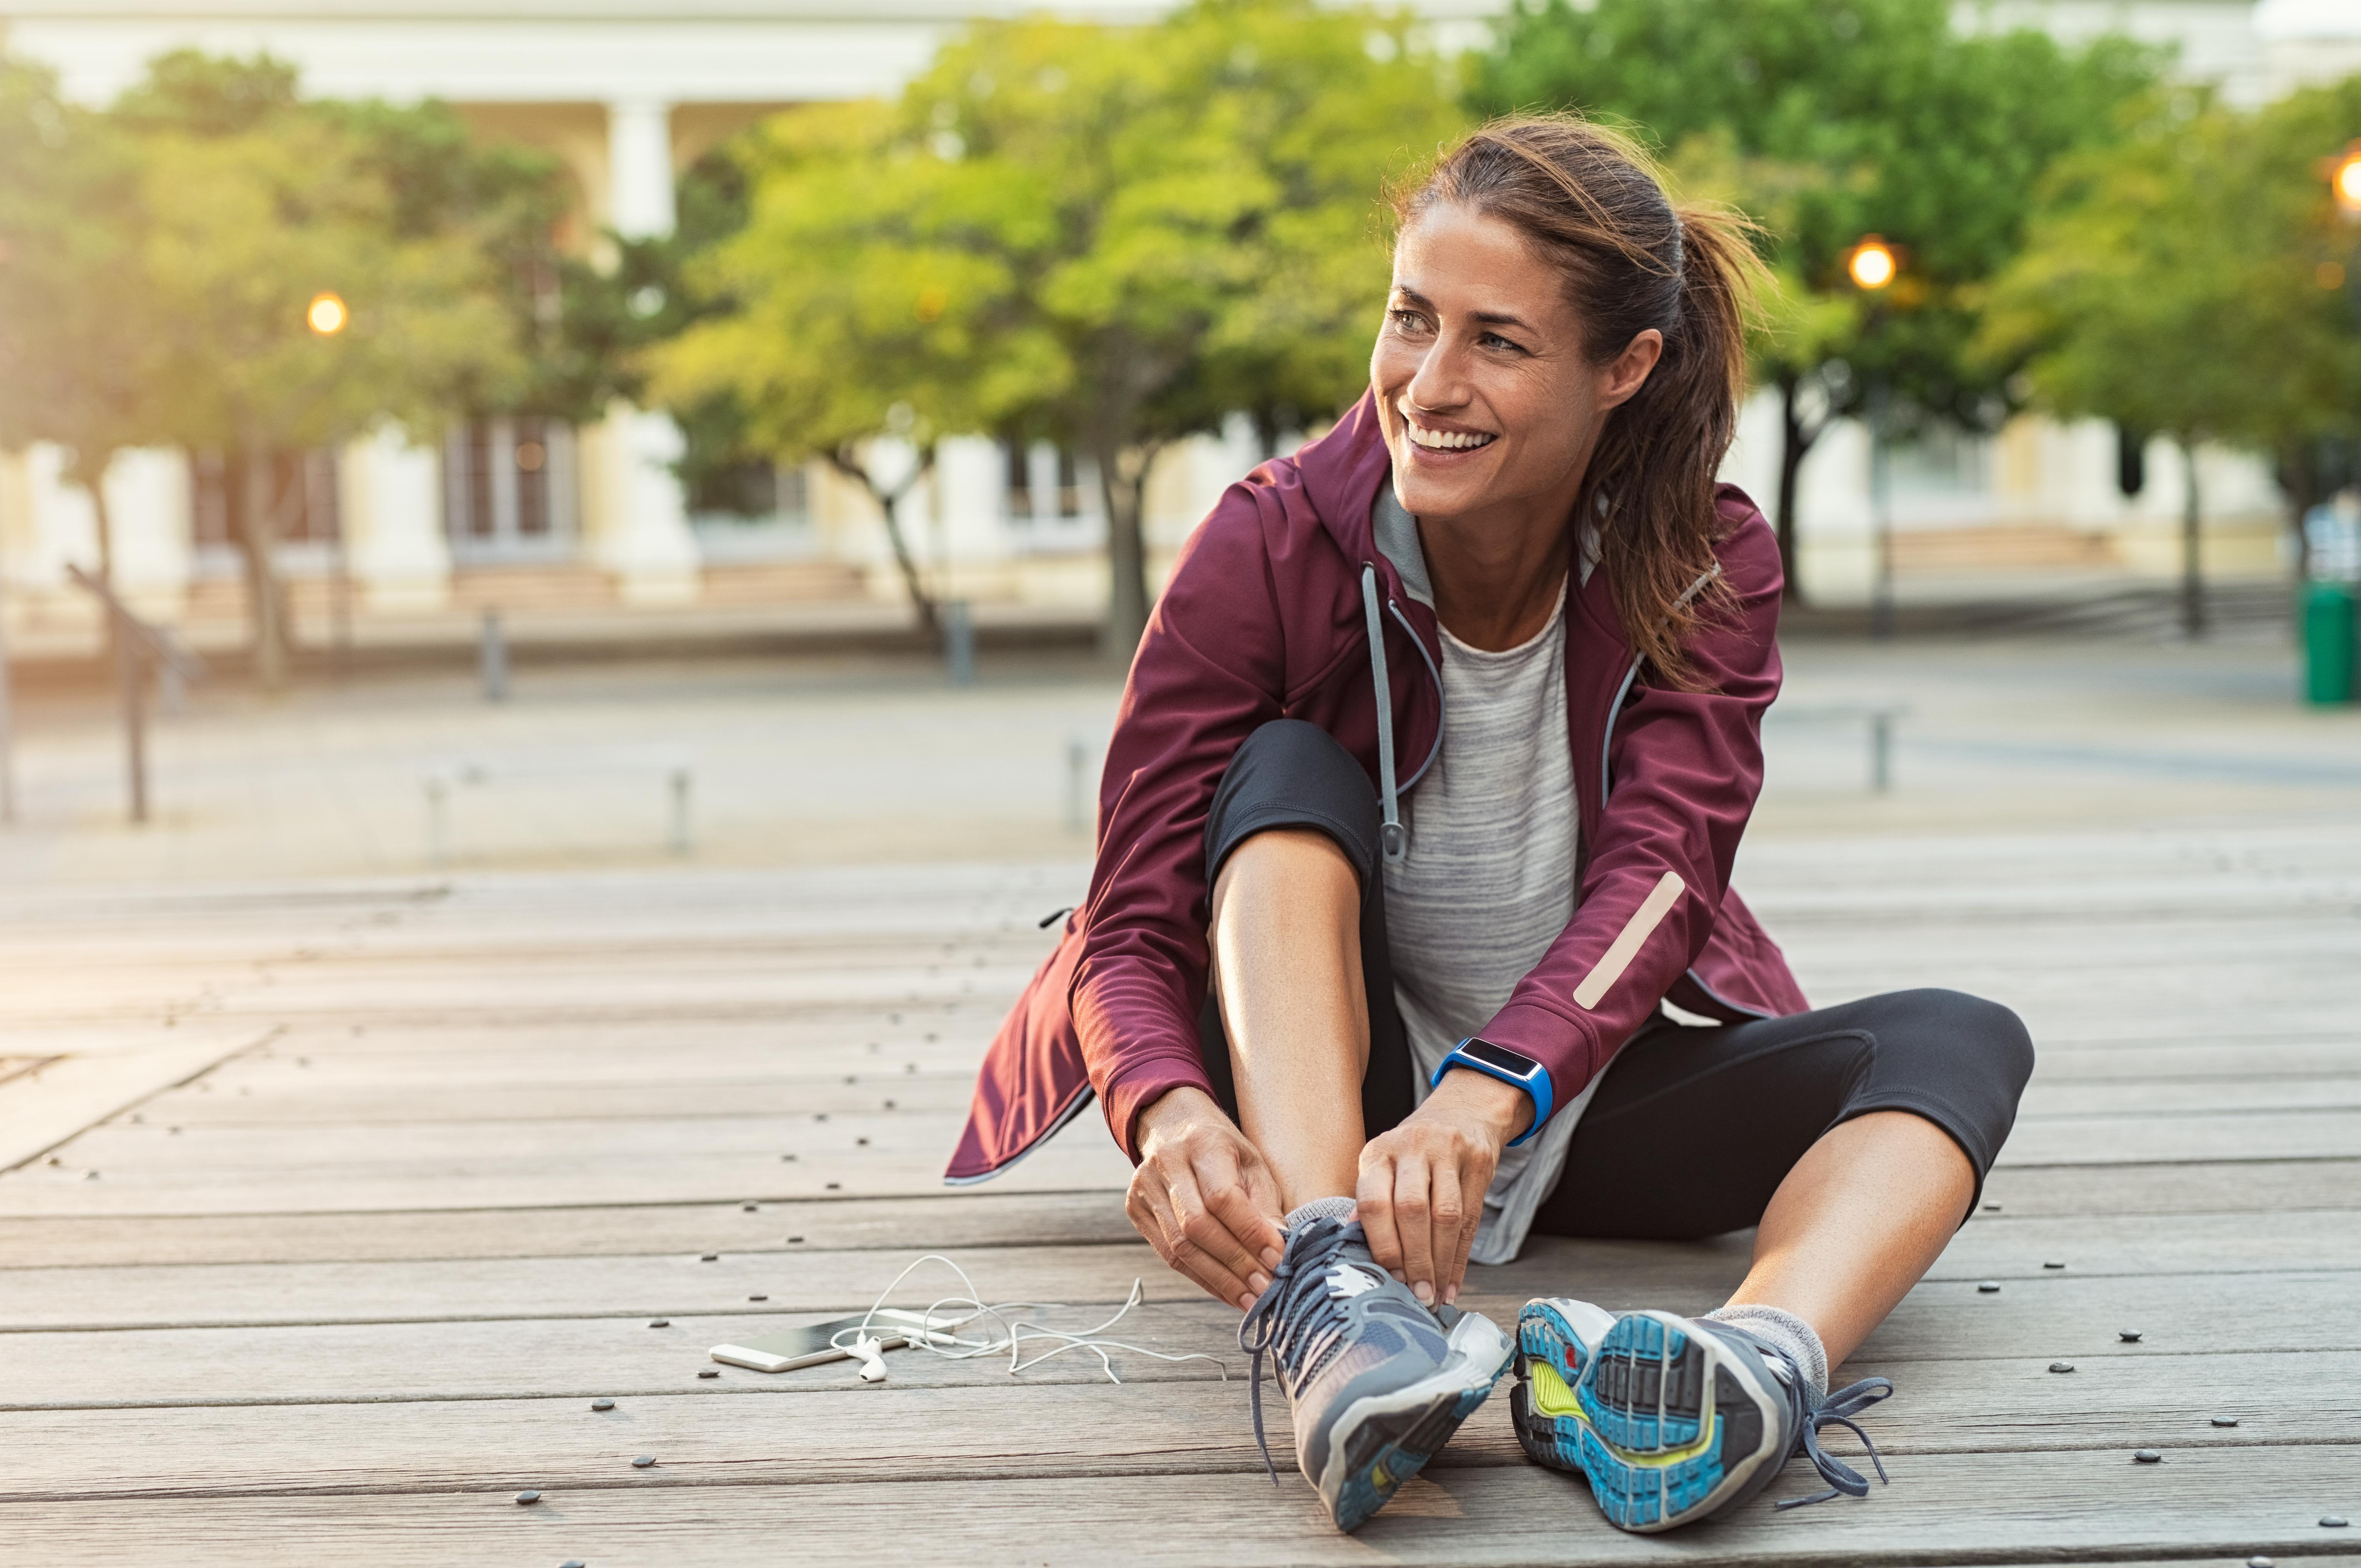 Макар чистенето да е физическа активност, спортуването е далеч по-ефективно за вашата физика. Дори само да се разходите в природата ще е в пъти по-добре, вместо да чистите цял ден.